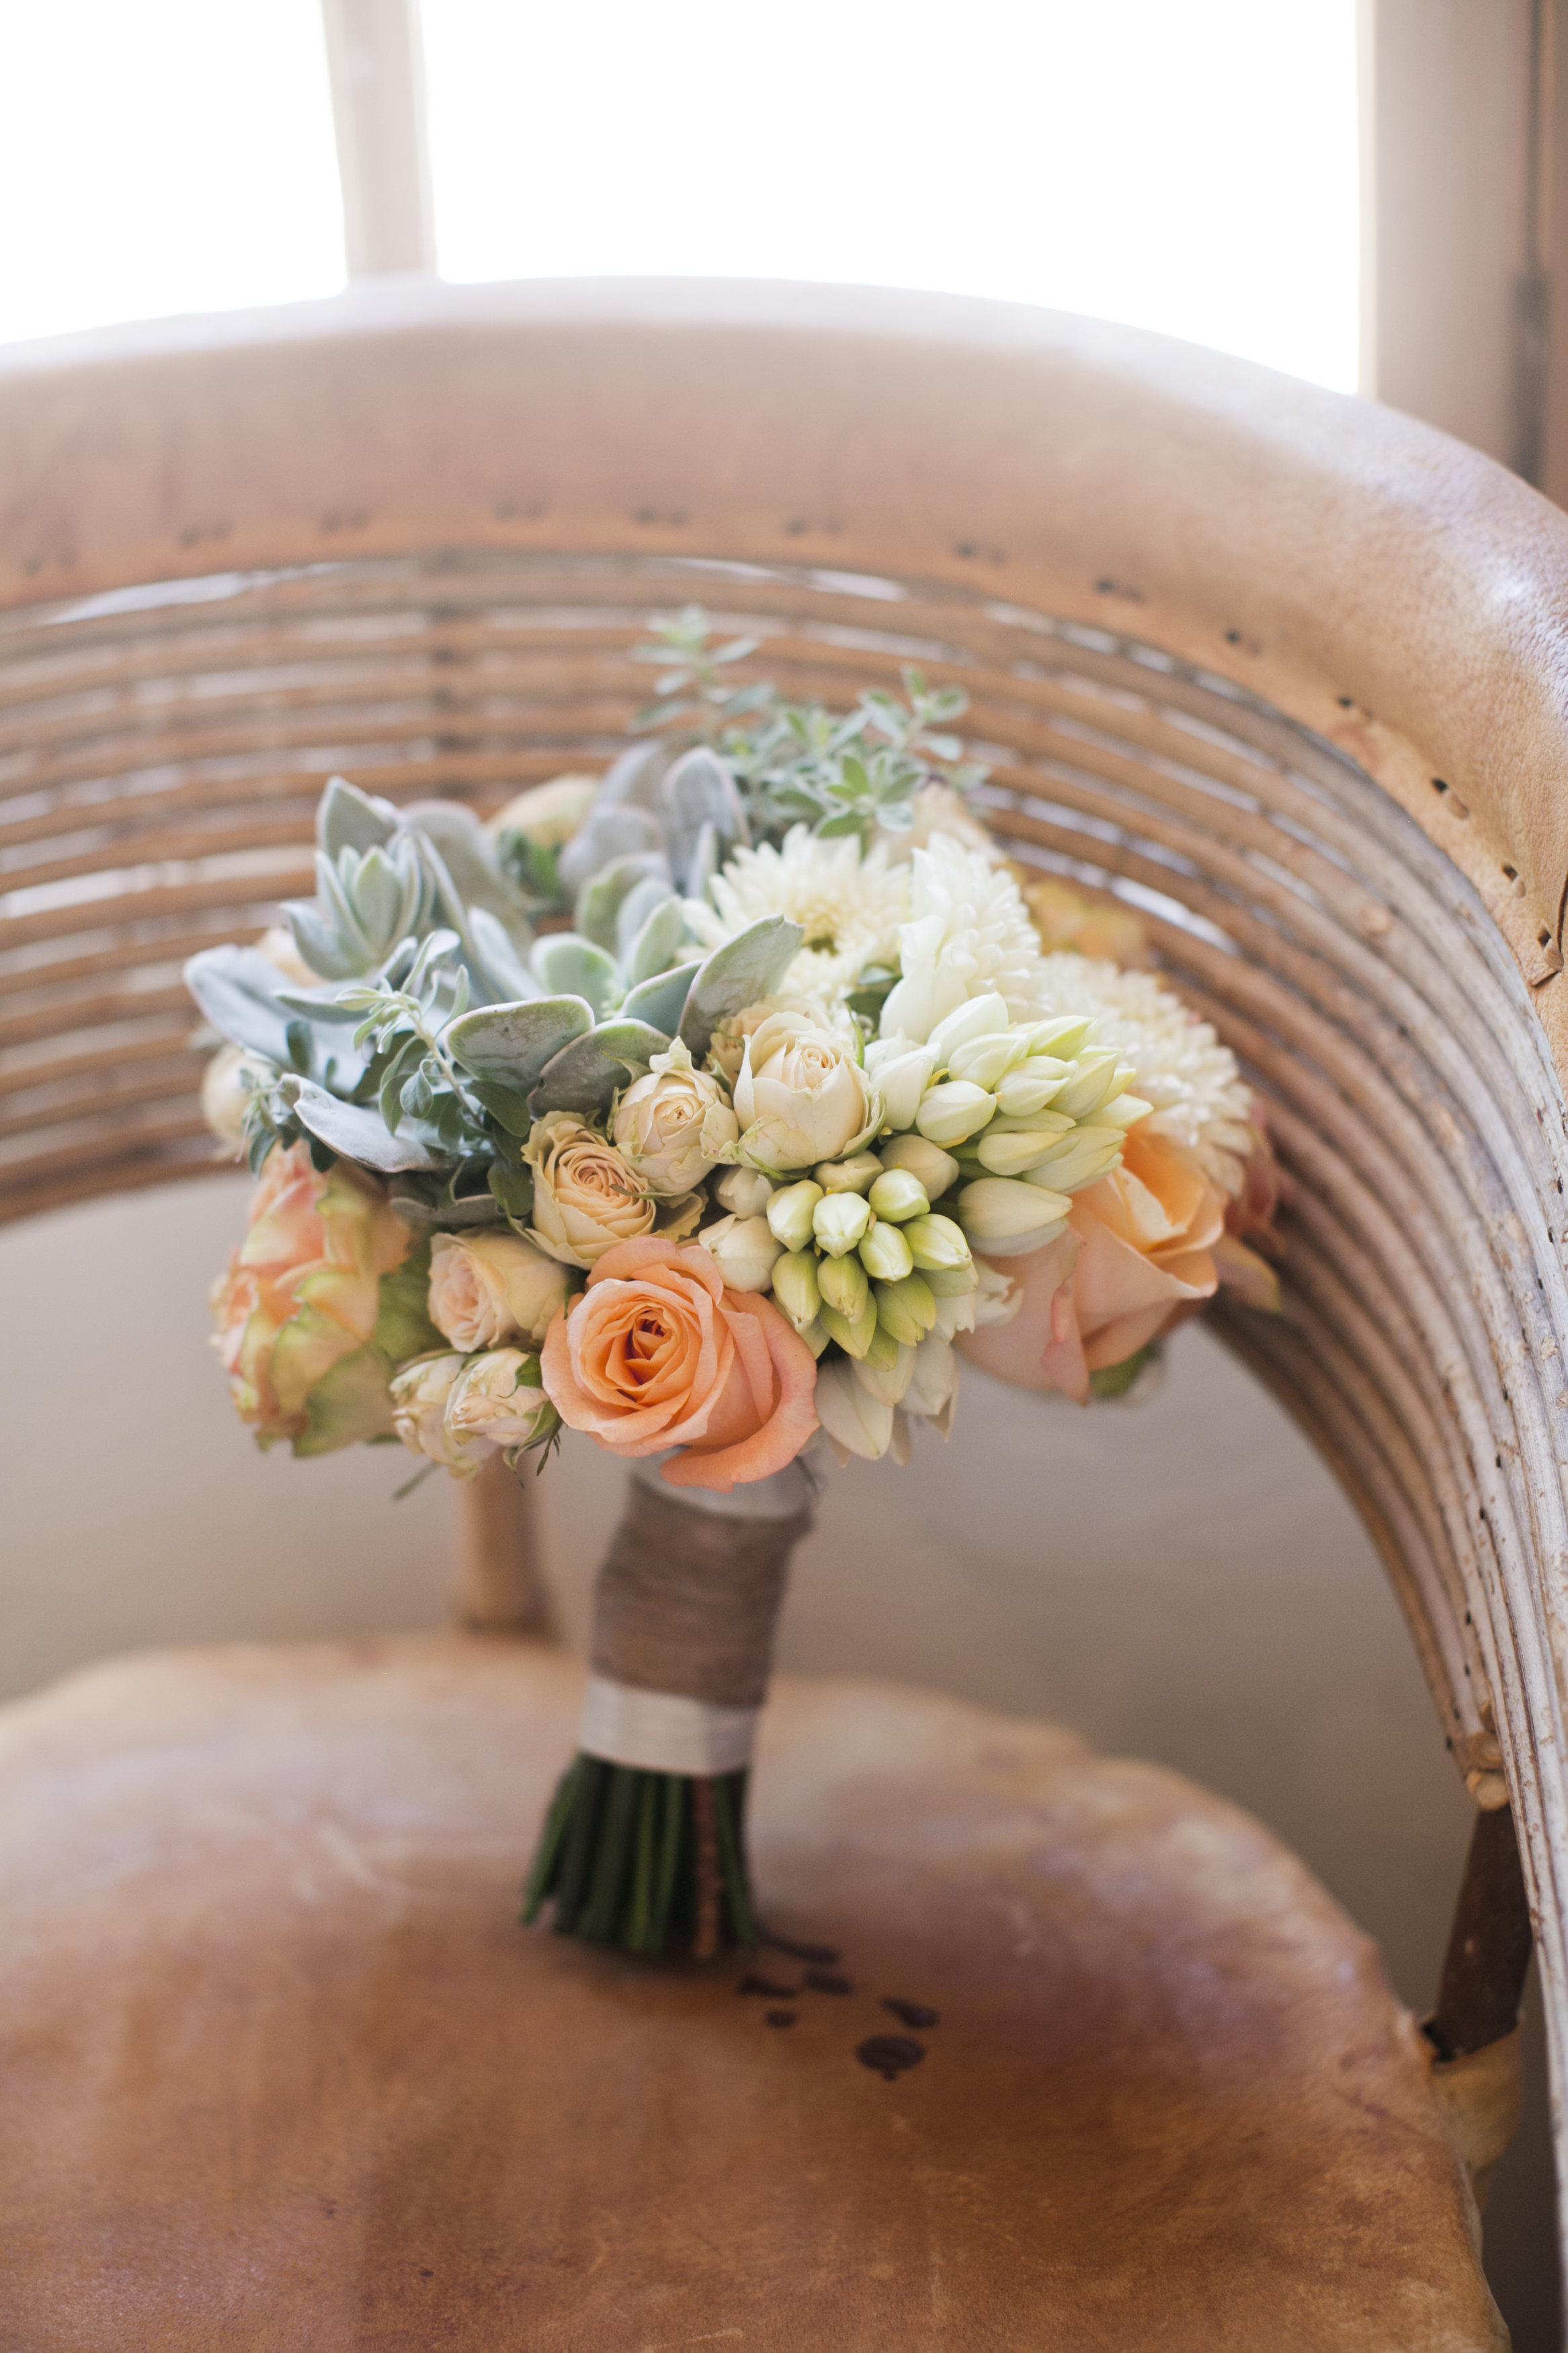 Ceci_New_York_Ceci_Style_Ceci_Johnson_Luxury_Lifestyle_Arizona_Wedding_Watercolor_Inspiration_Design_Custom_Couture_Personalized_Invitations_30.jpg